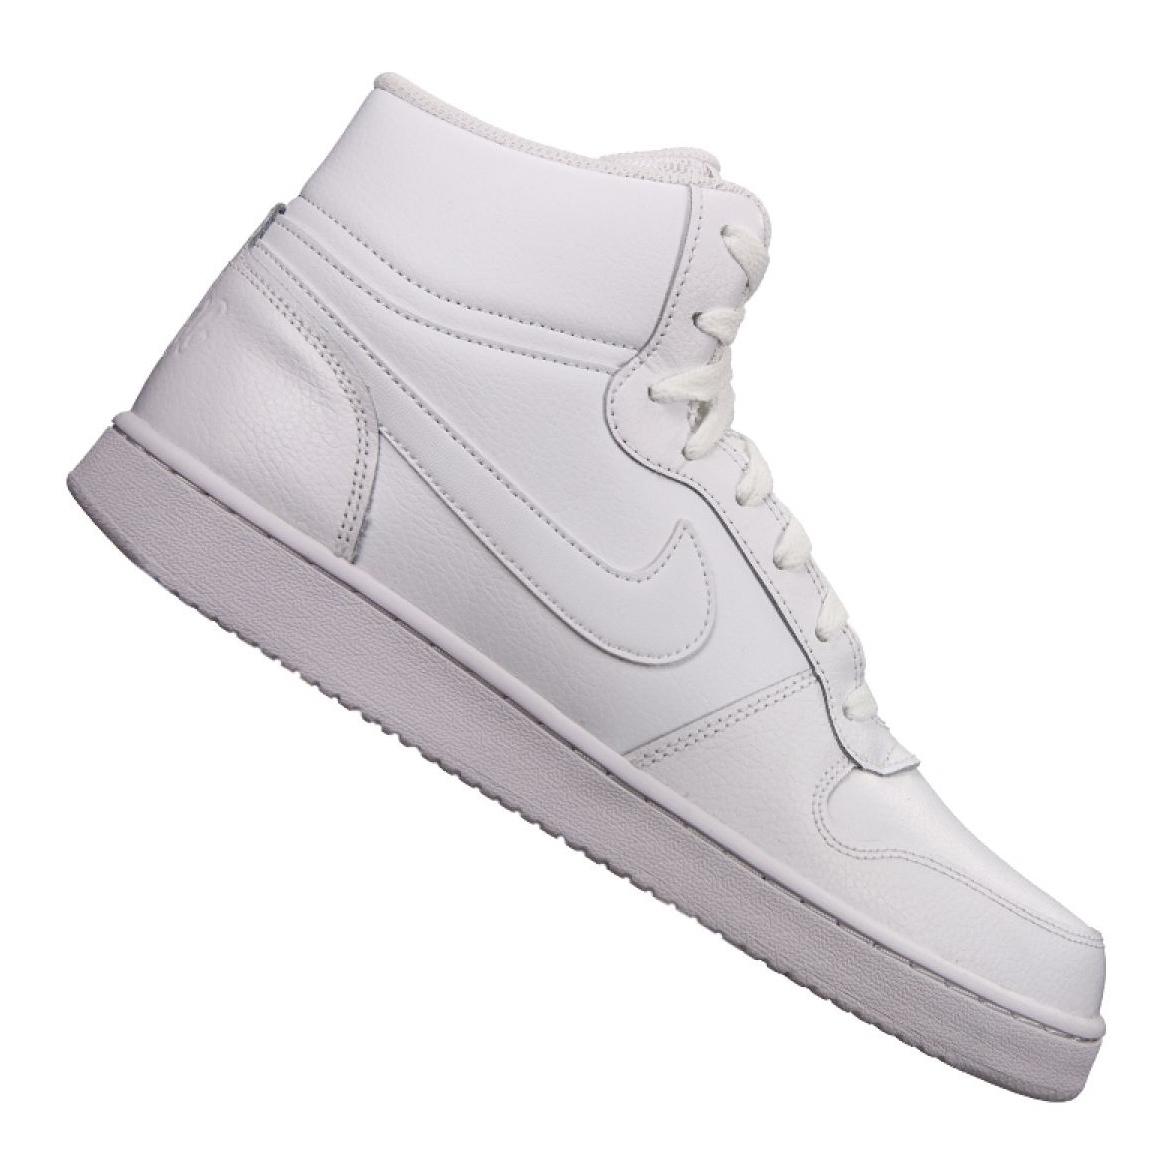 Details zu Nike Ebernon Mid M AQ1773 100 Schuhe weiß